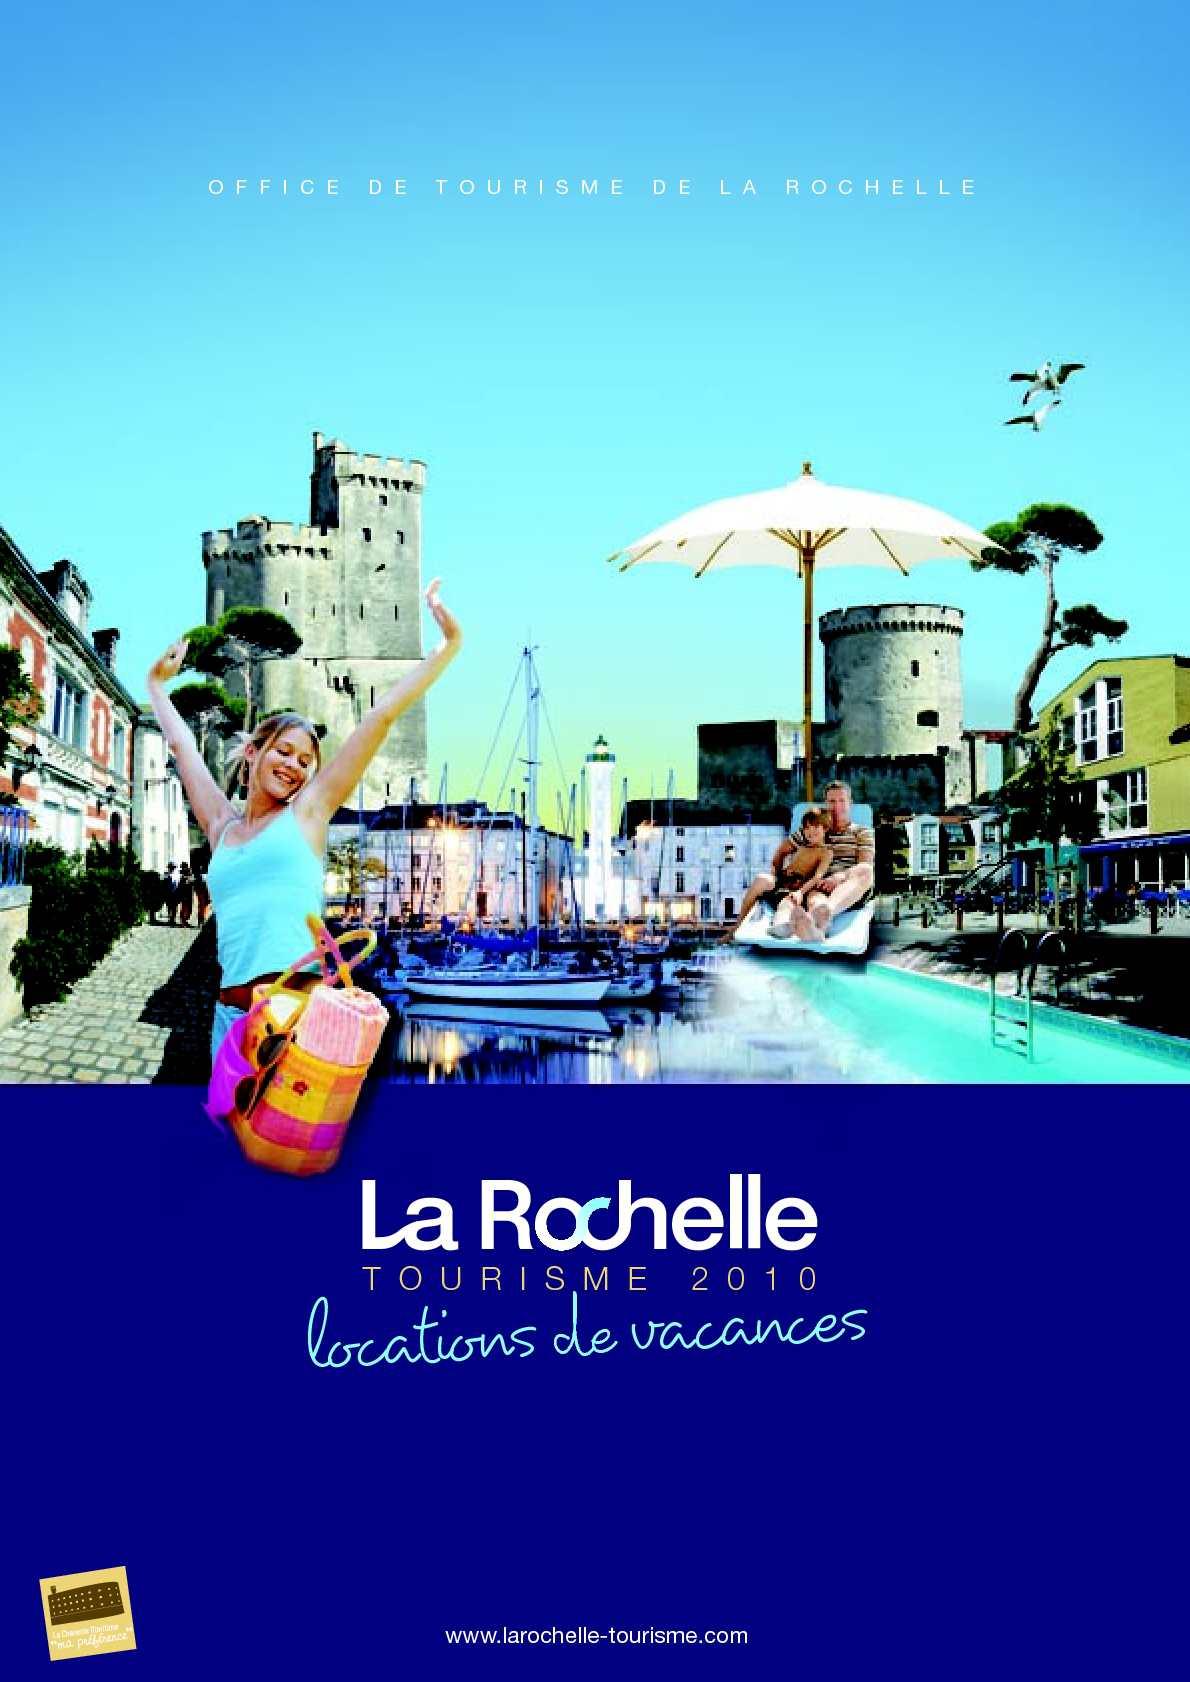 Calam o locations de vacances entre particuliers office de tourisme de la rochelle la - Office de tourisme la rochelle ...